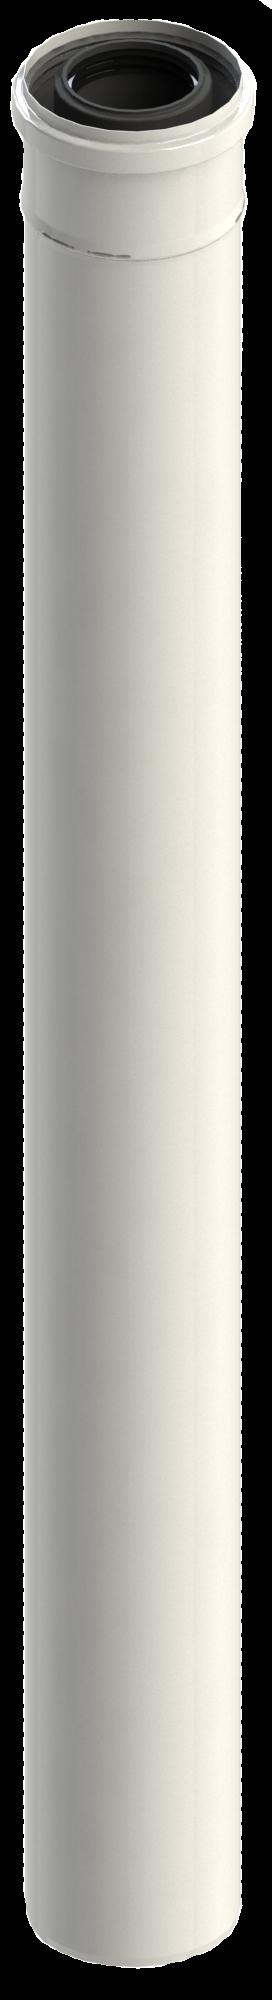 Rura spalinowa 1 mtr